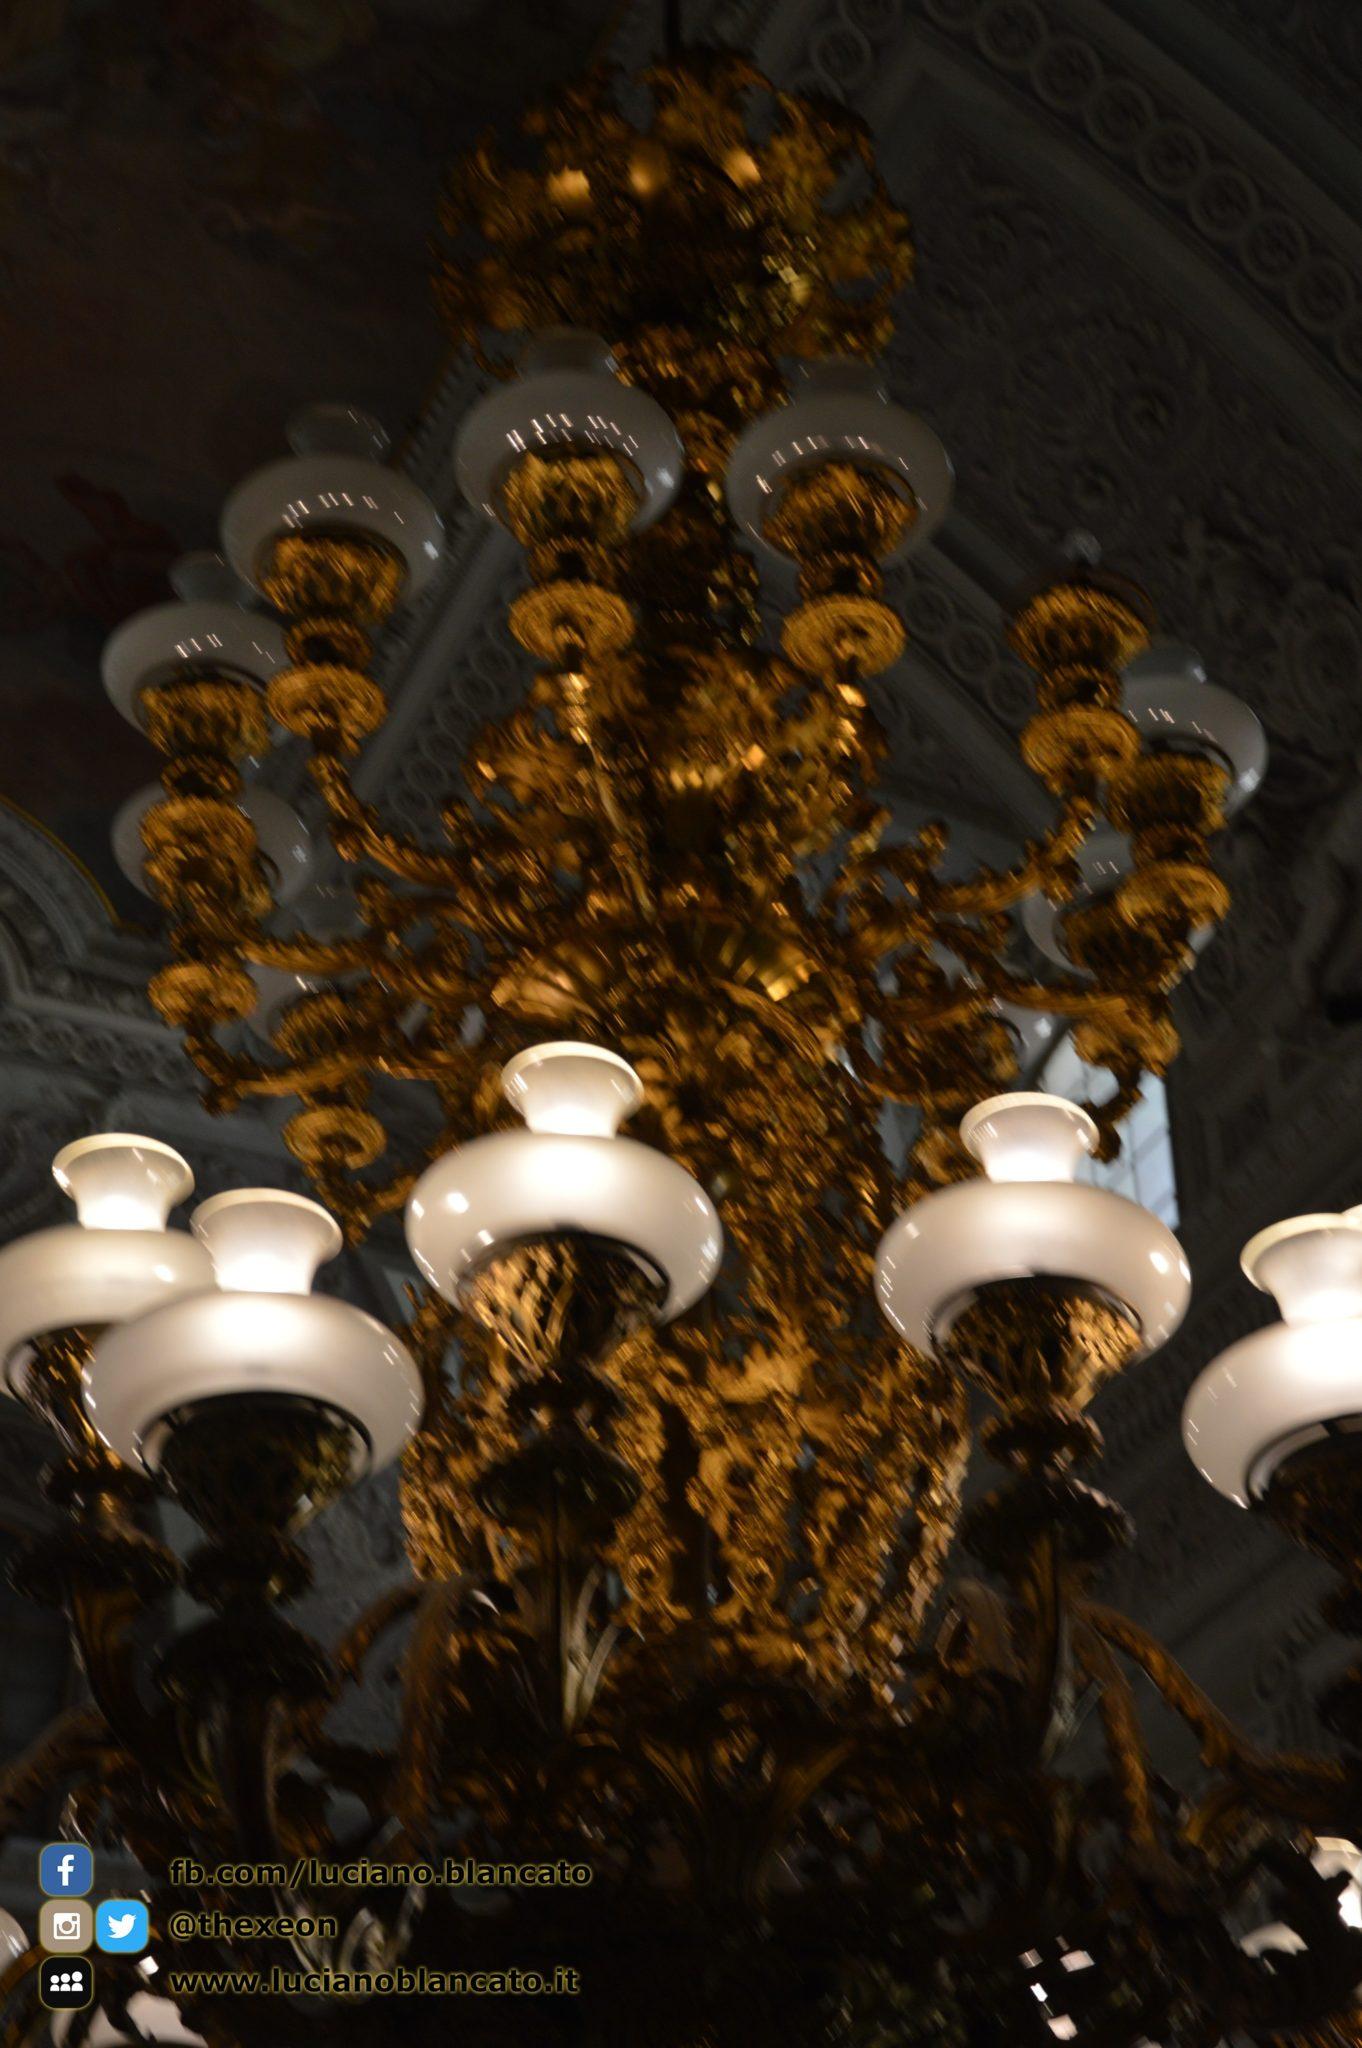 copy_Reggia di Caserta - Appartamenti reali - dettaglio lampadario salone